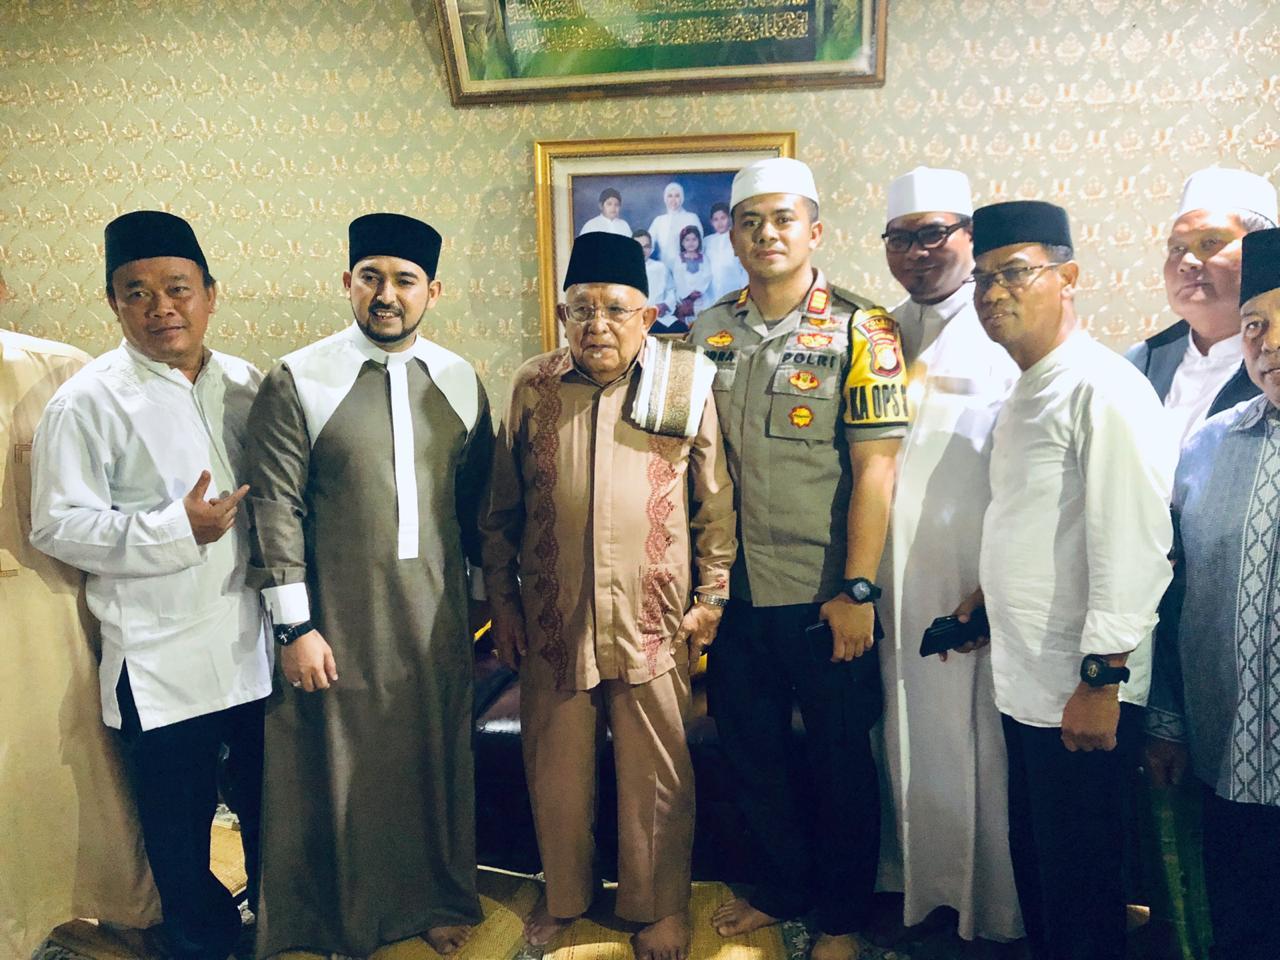 Kapolsek Kalideres Menghadiri Kegiatan Haul dan Tabligh Akbar Dalam Rangka Milad ke 33 Ikatan Majlis Ta'lim Nurul Hasanah Pimpinan KH Faturrohmana